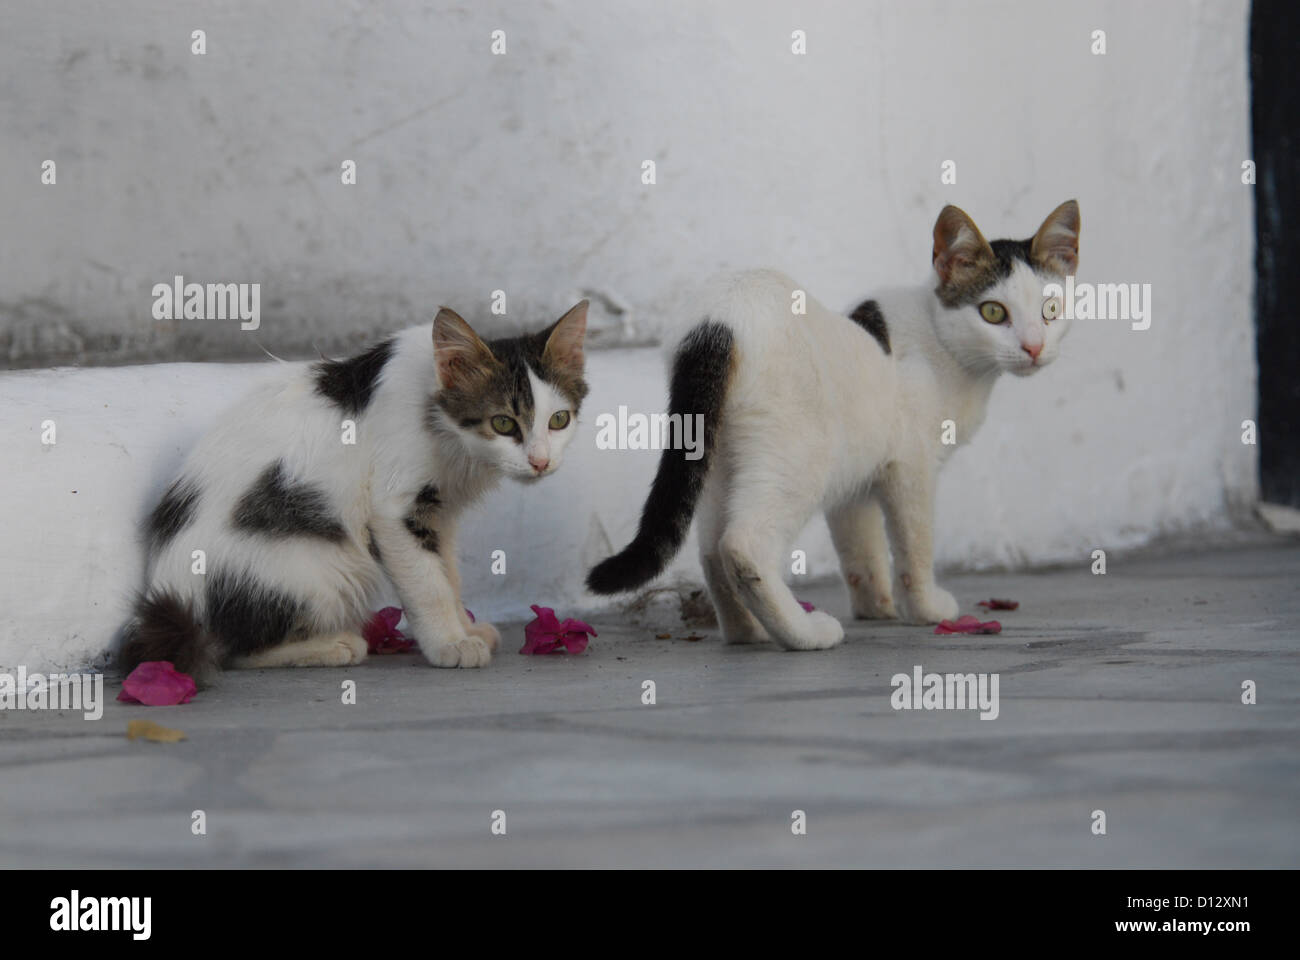 zwei junge Hauskätzchen, Weiss mit Punkten, Kykladen, Griechenland, two kittens, spotted, Cyclades, Greece, - Stock Image